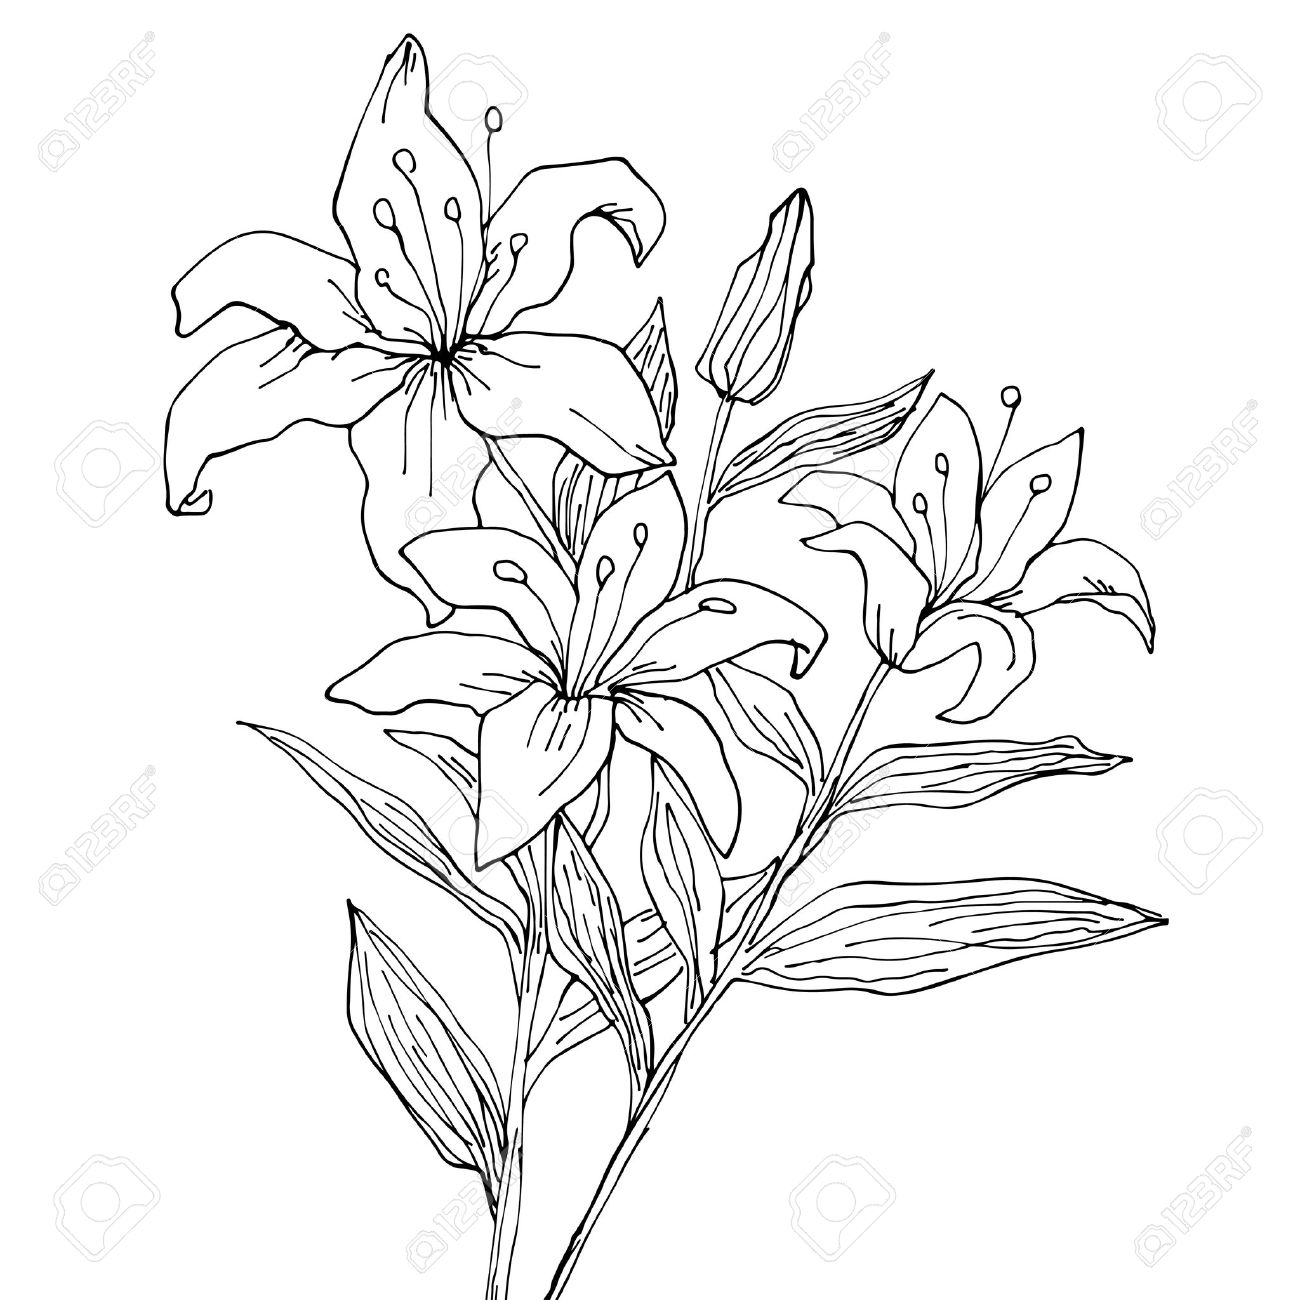 ユリの花を手描きのイラストを分離のイラスト素材ベクタ Image 27656141